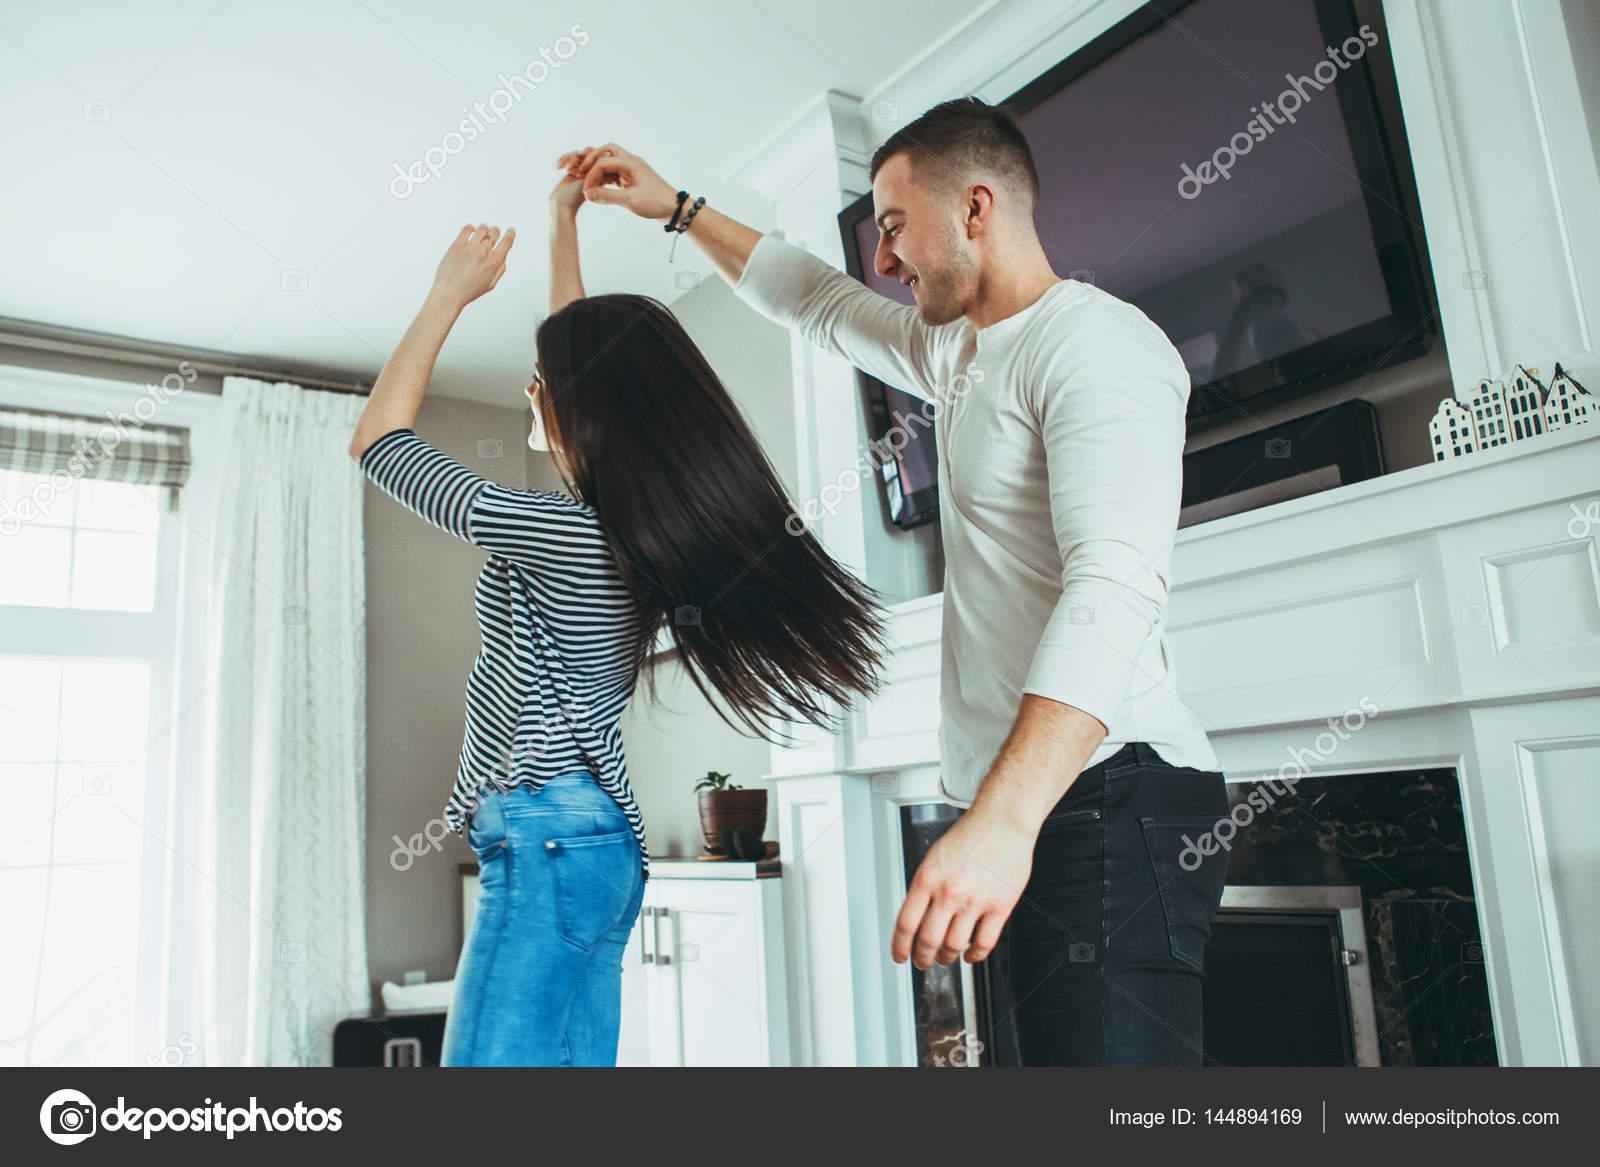 Откровенное фото женщин дома, посмотреть сама себя дрочу